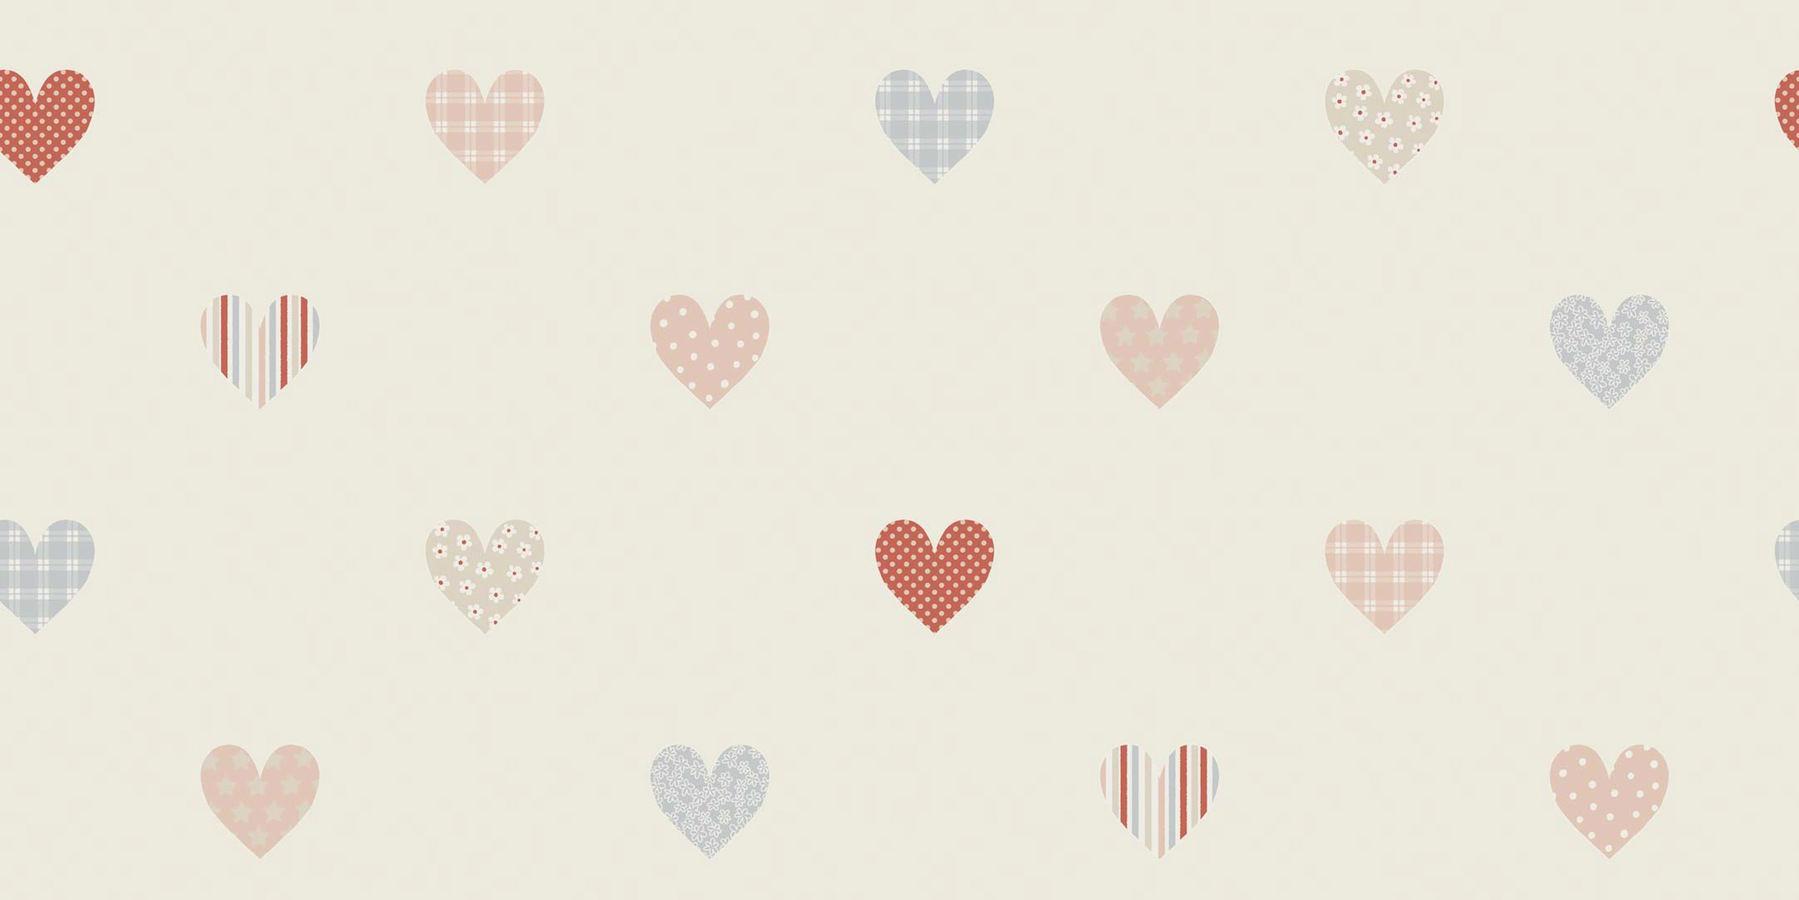 Tienda online telas papel papel pintado infantil for Imagenes de papel pintado